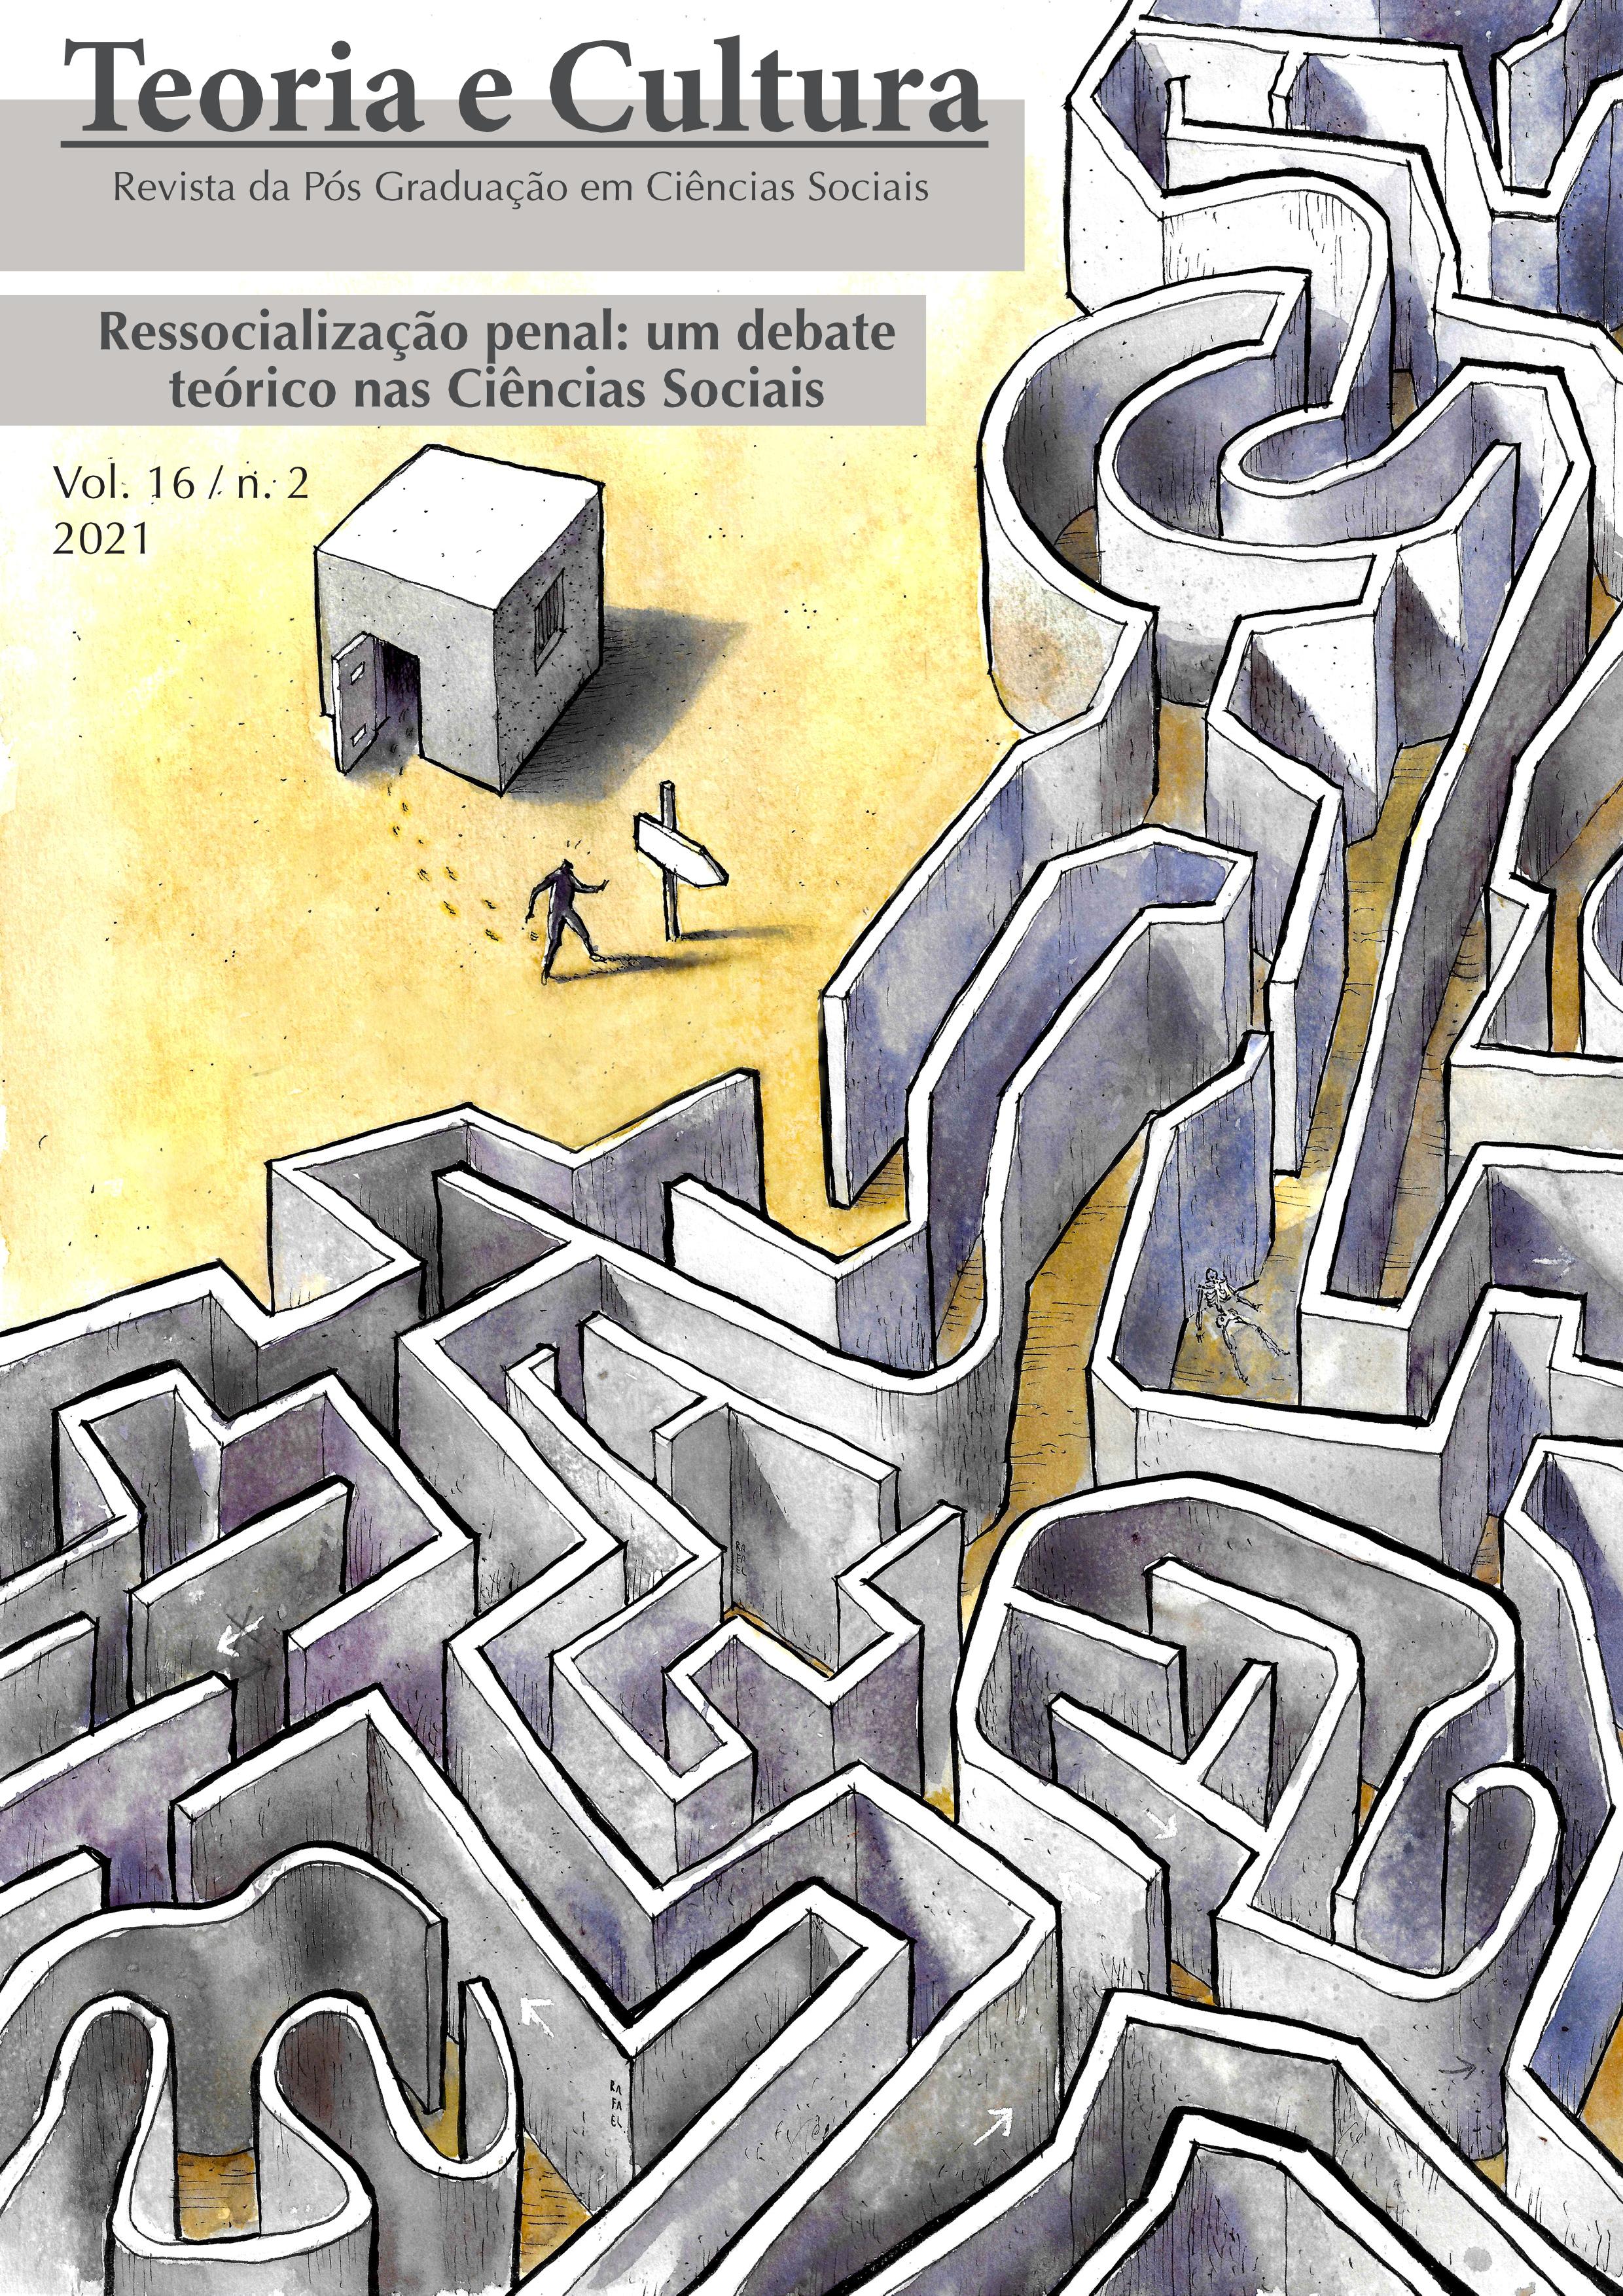 Visualizar v. 16 n. 2 (2021): Ressocialização penal: um debate teóricos nas Ciências Sociais